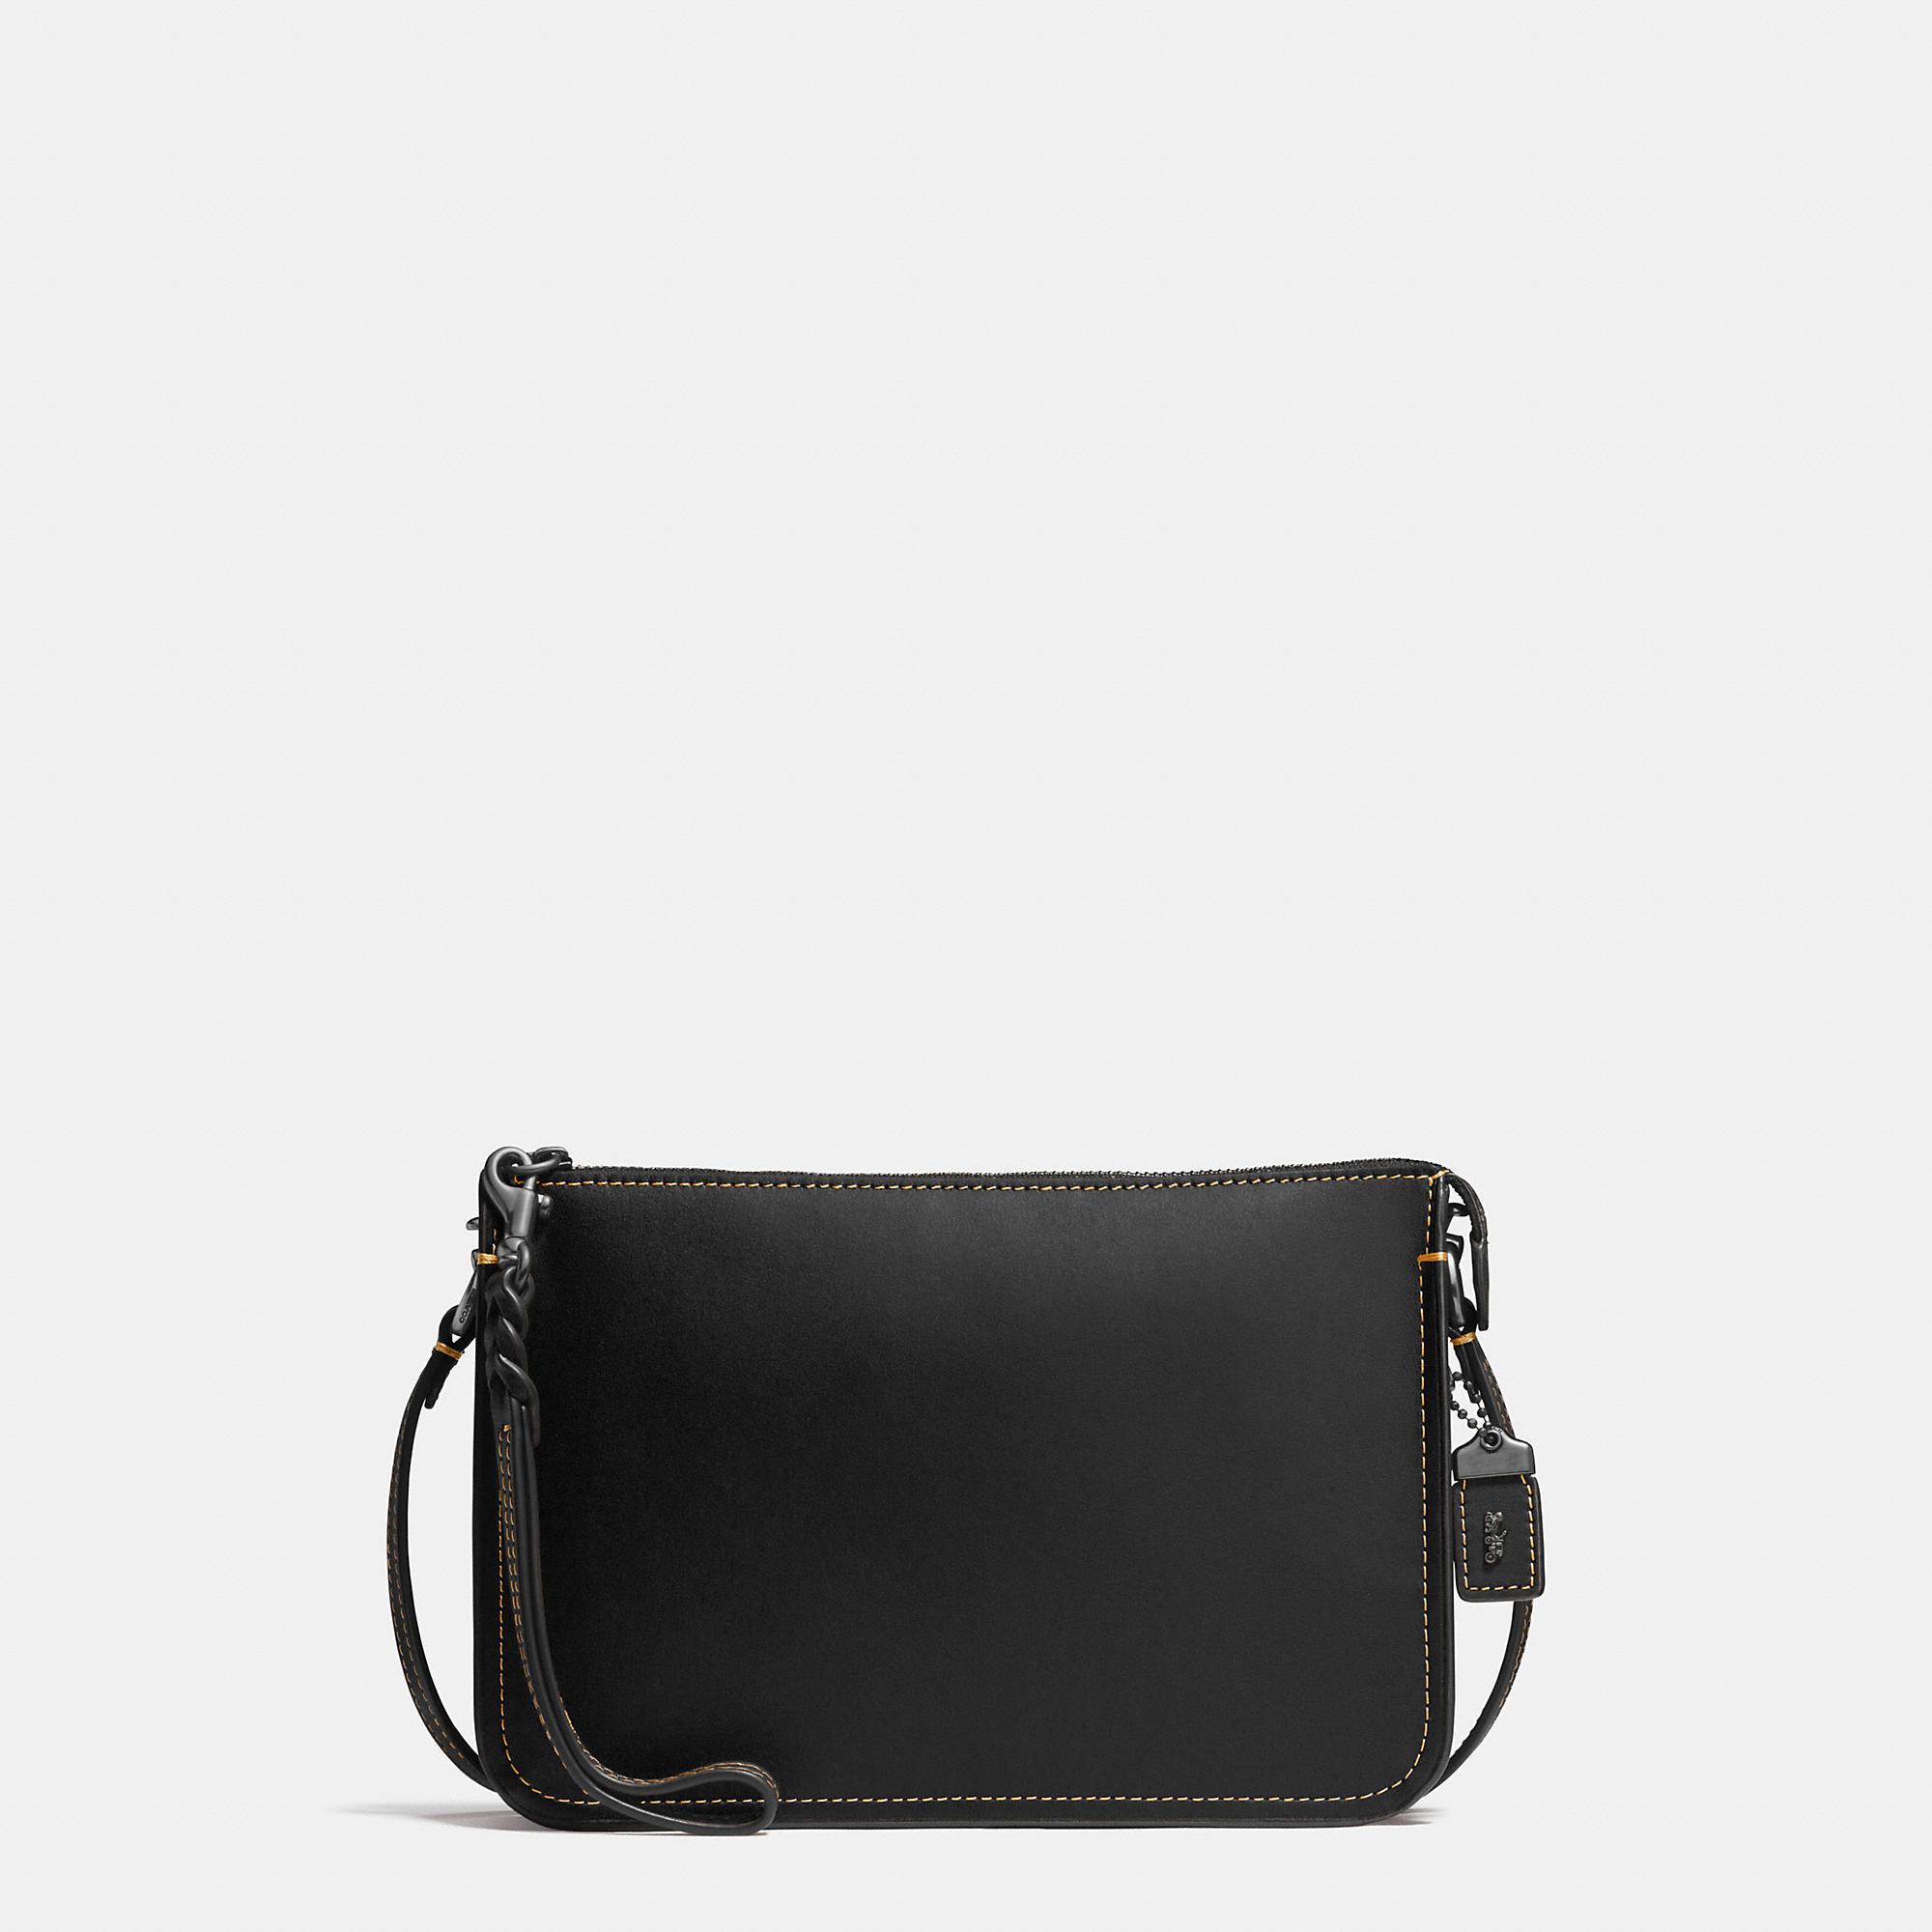 Coach 1941 Soho Cross Body Bag In Black/black Copper